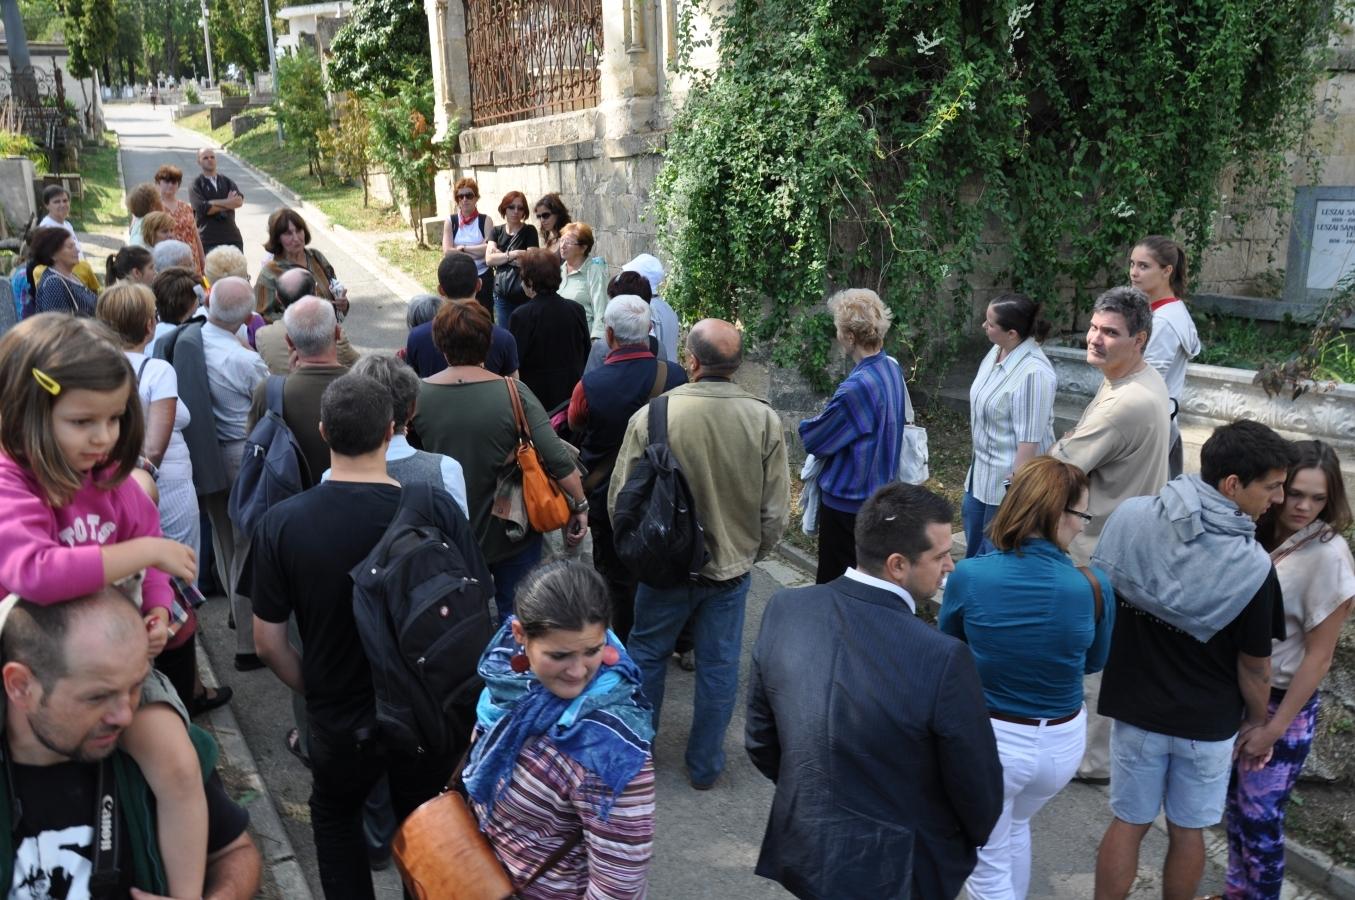 Zilele Culturale Maghiare au adus un număr impresionant de turişti la Cluj!